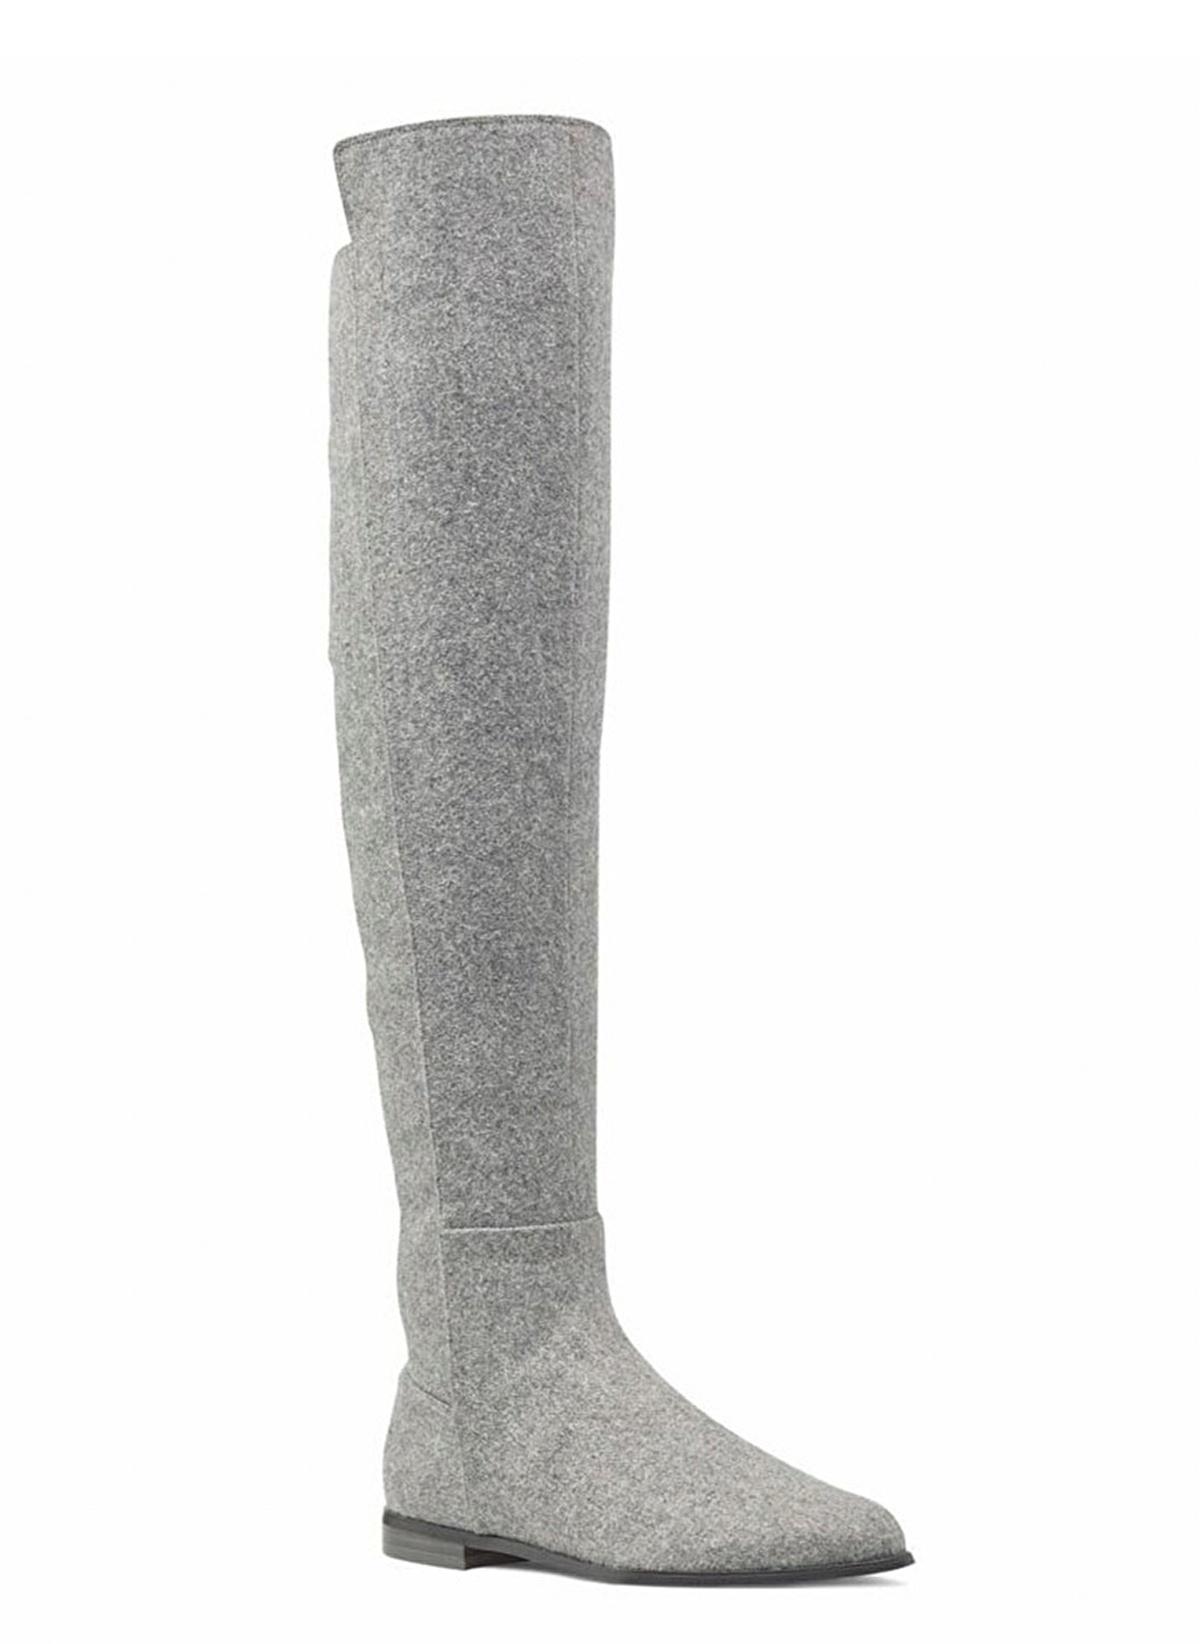 Nine West Fermuarlı Diz Üstü Çizme 450.0 Tl